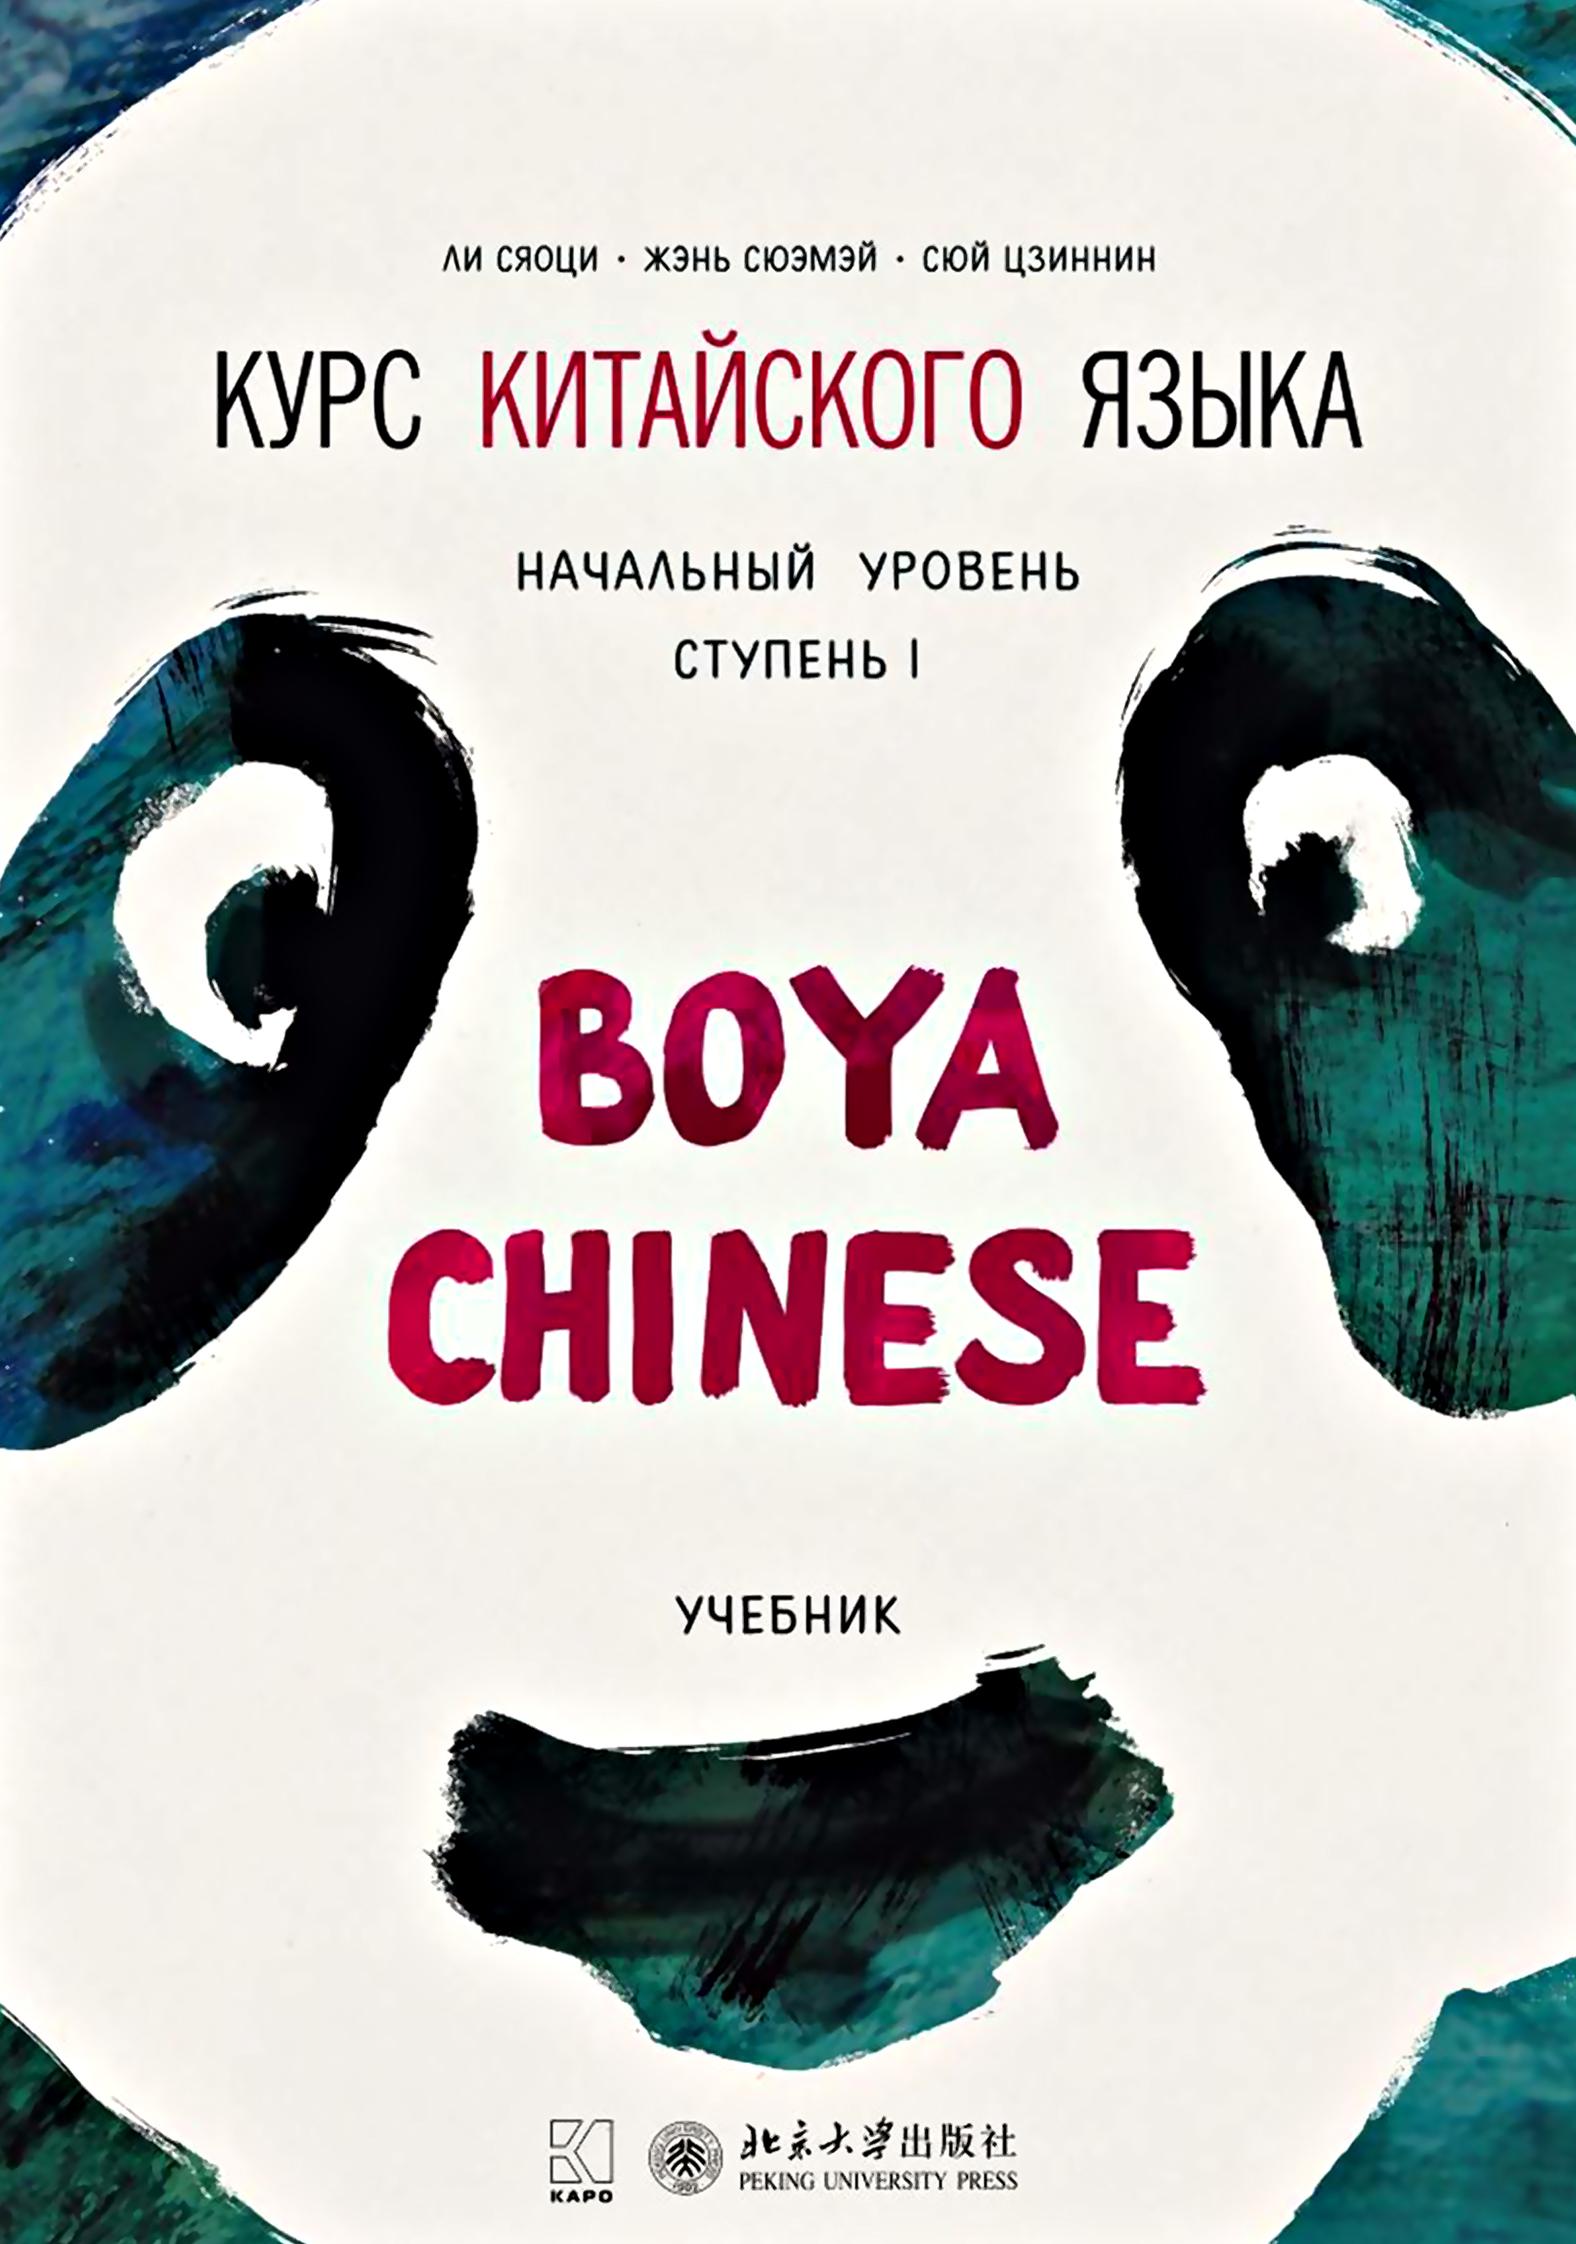 Ли Сяоци Курс китайского языка «Boya Chinese». Начальный уровень. Ступень I. Учебник скальп петуха veniard chinese cock cape